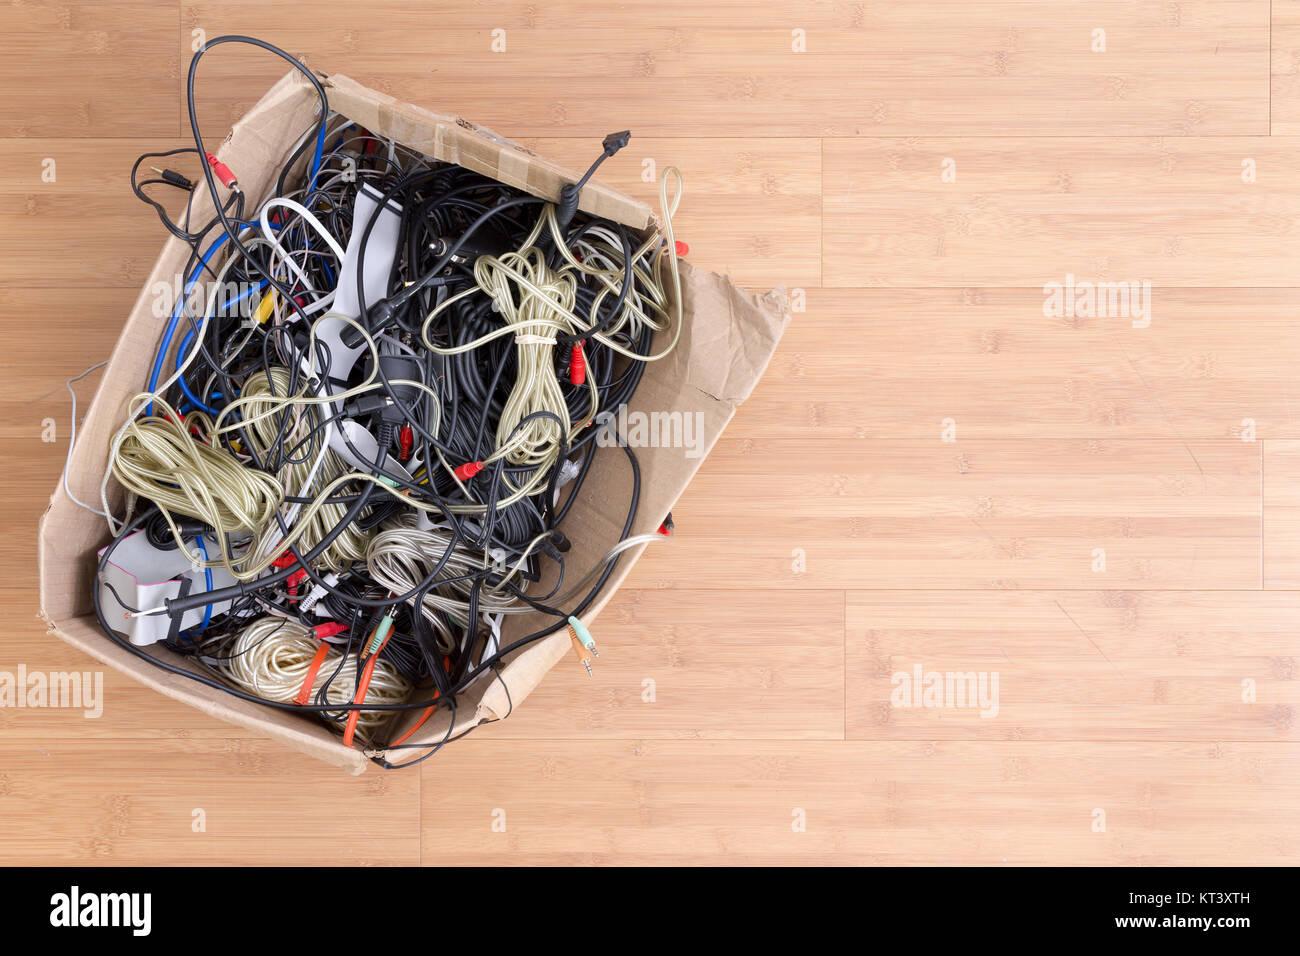 Ziemlich Elektrische Kabel Clipart Galerie - Elektrische Schaltplan ...